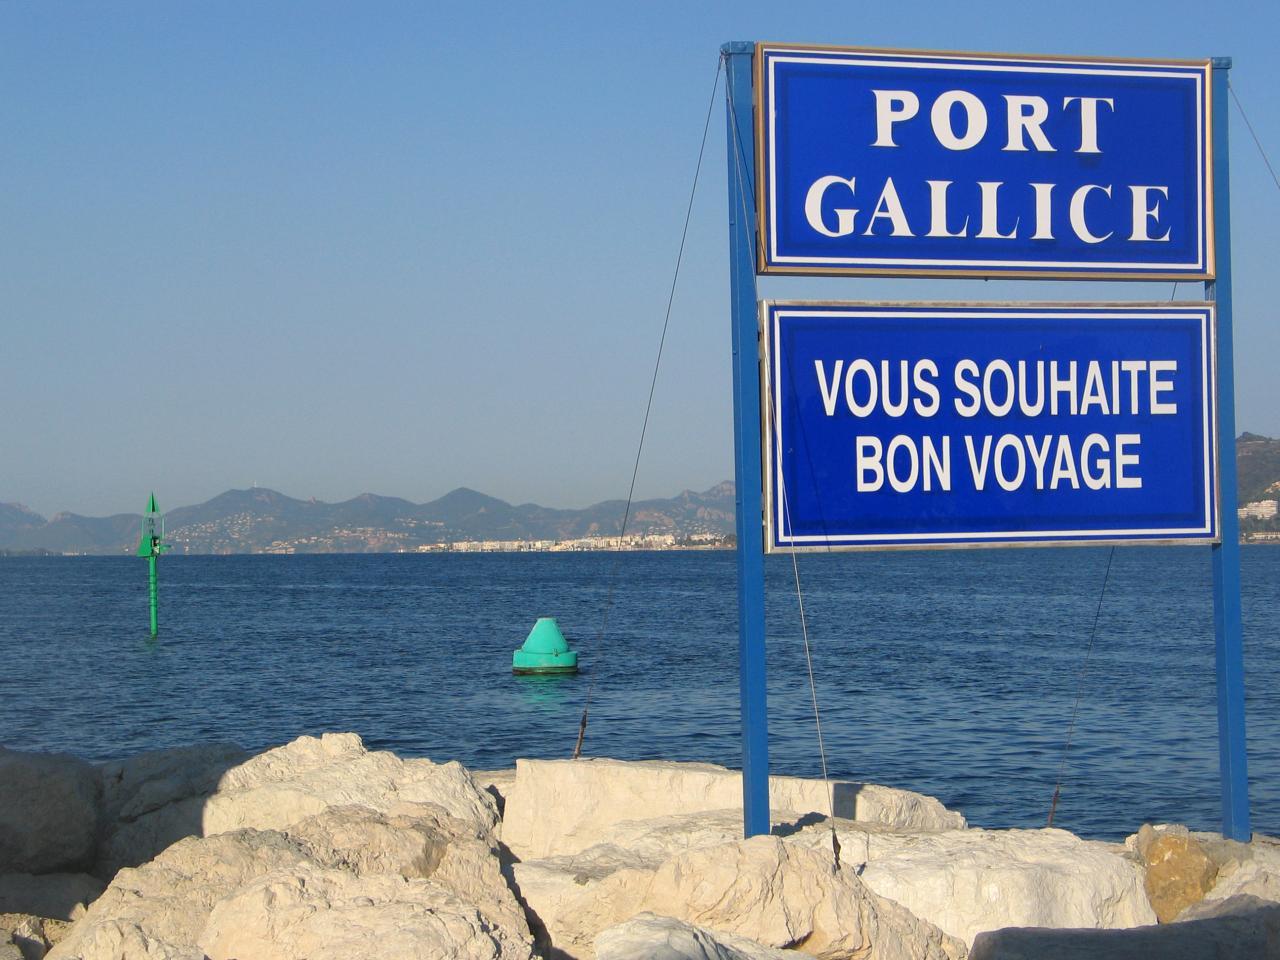 bleu comme ... Port Gallice